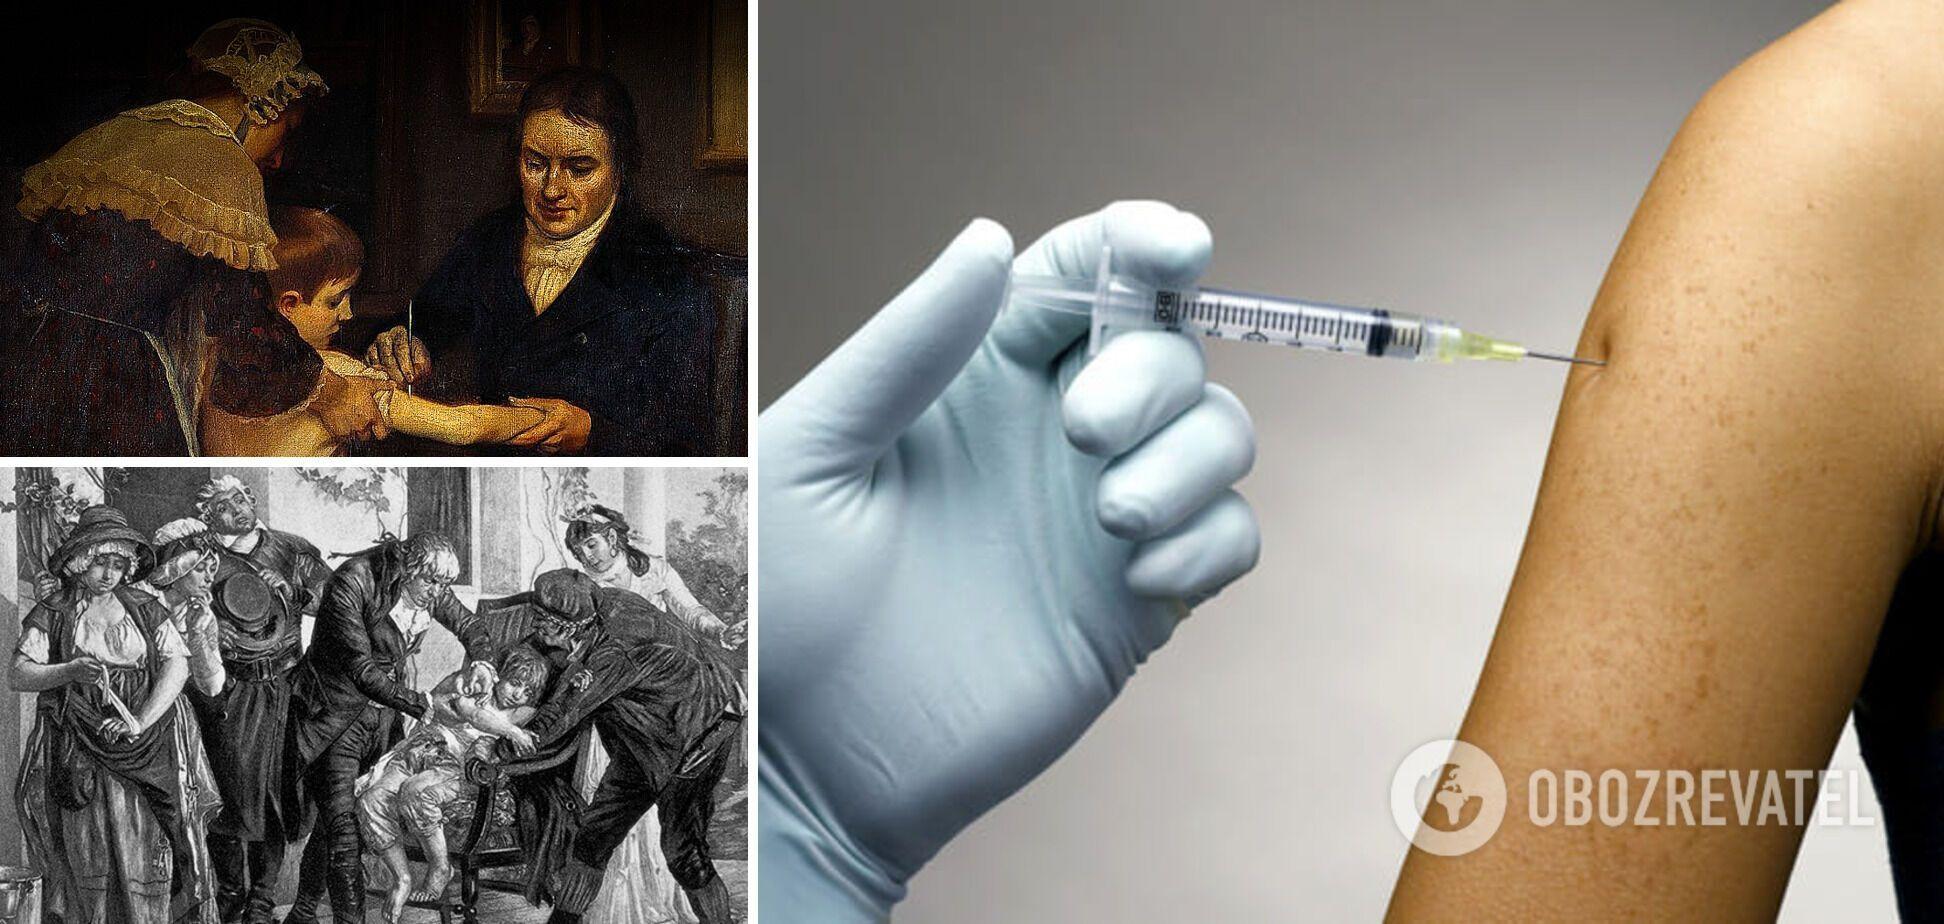 Десять хвороб, які перемогли завдяки вакцині